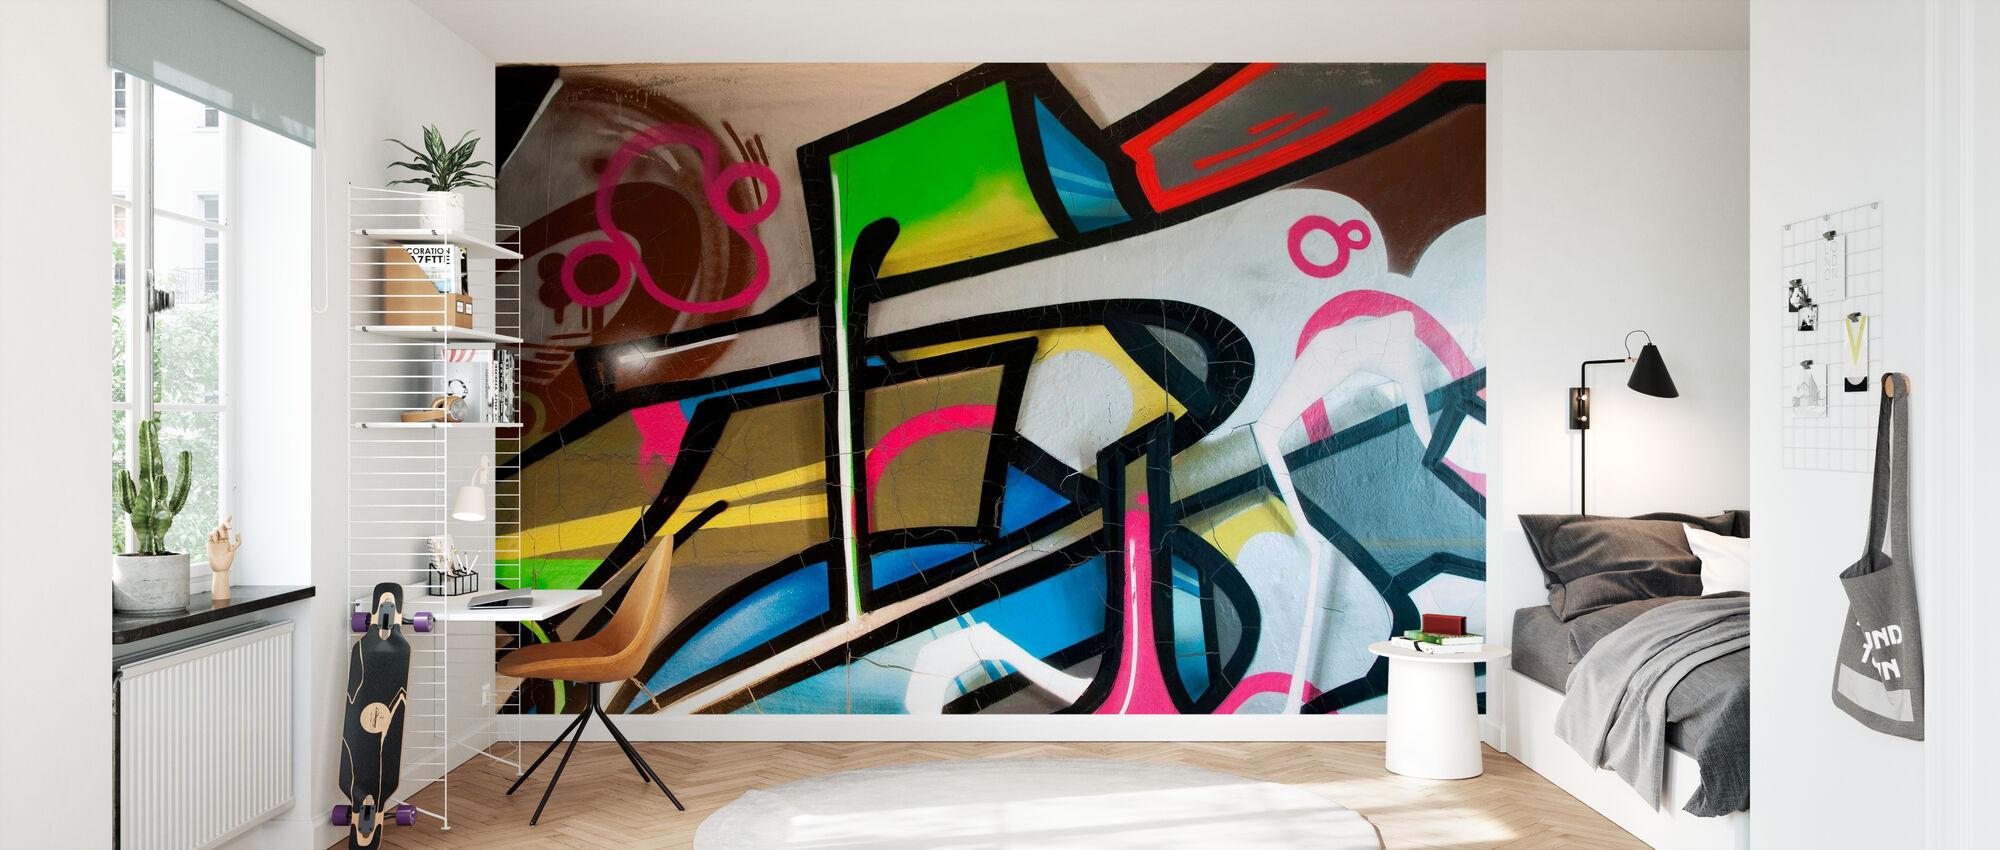 Colorful Graffiti - Wallpaper - Kids Room